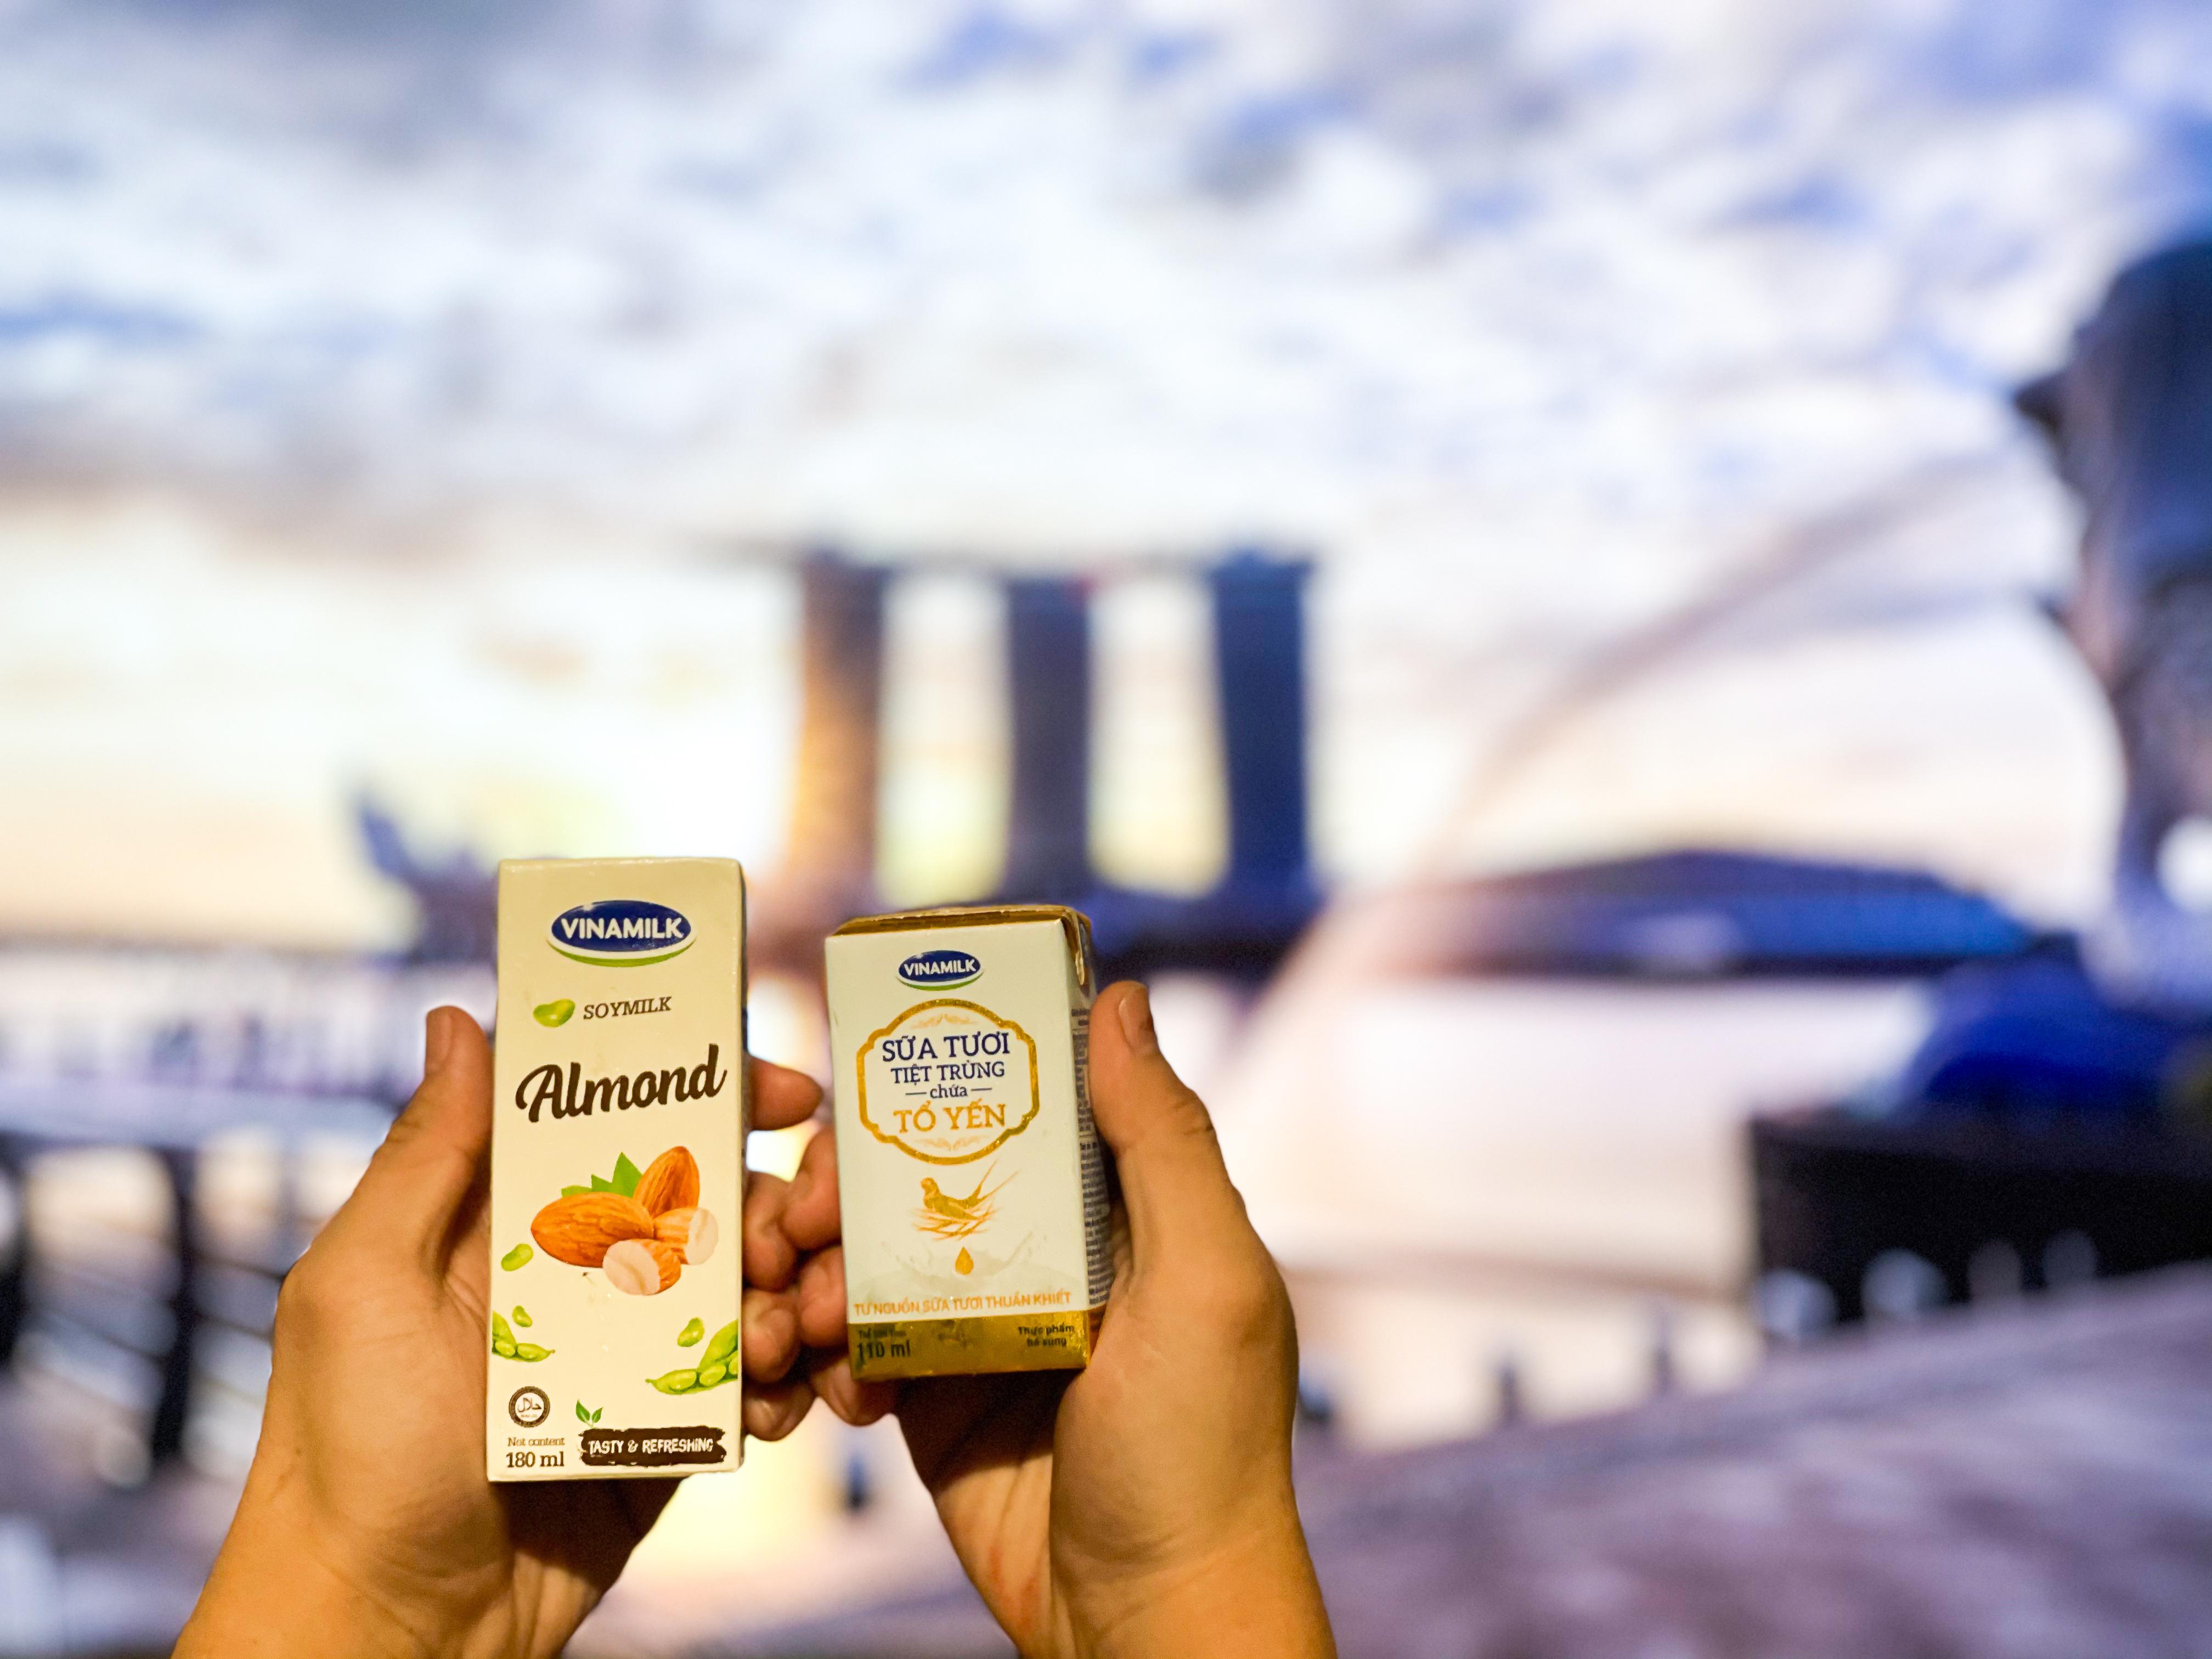 Từ đầu tháng 3/2021, những sản phẩm sữa tươi chứa tổ yến đầu tiên của Vinamilk đã chính thức chào sân đảo quốc sư tử